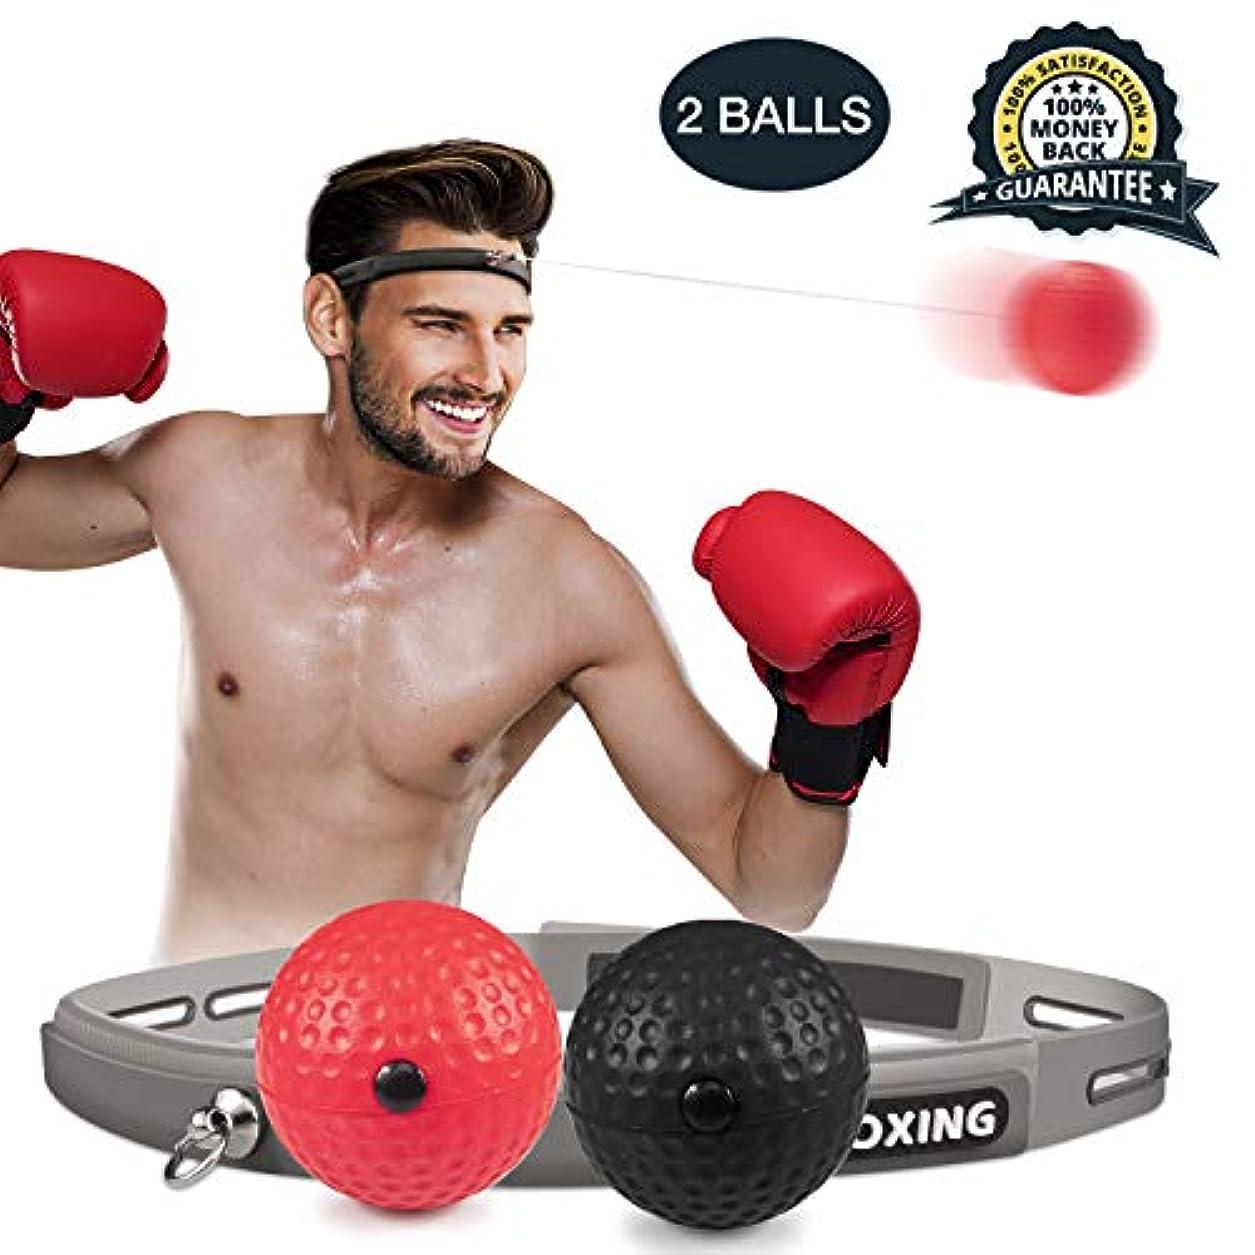 脆い天窓争うOJBKA ボクシング リフレックス ボール ファイト リフレックス ボール セット 2 難易度 ボクシングボール ヘッドバンド付き テニスボールより柔らか 反応 敏捷性 パンチスピード ハンドアイに最適